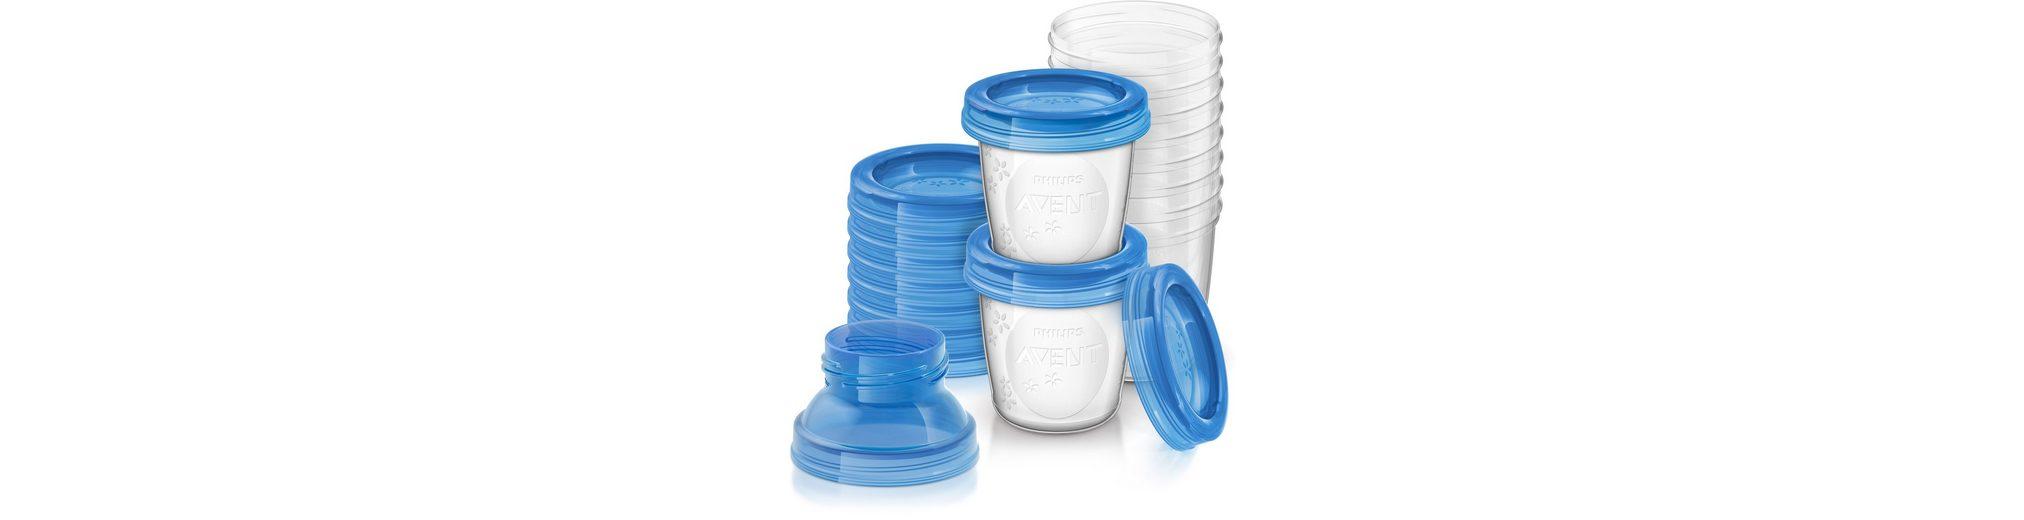 Philips Avent Aufbewahrungssystem SCF618/10 Mehrwegbecher für Muttermilch inkl. Deckel und Adapter